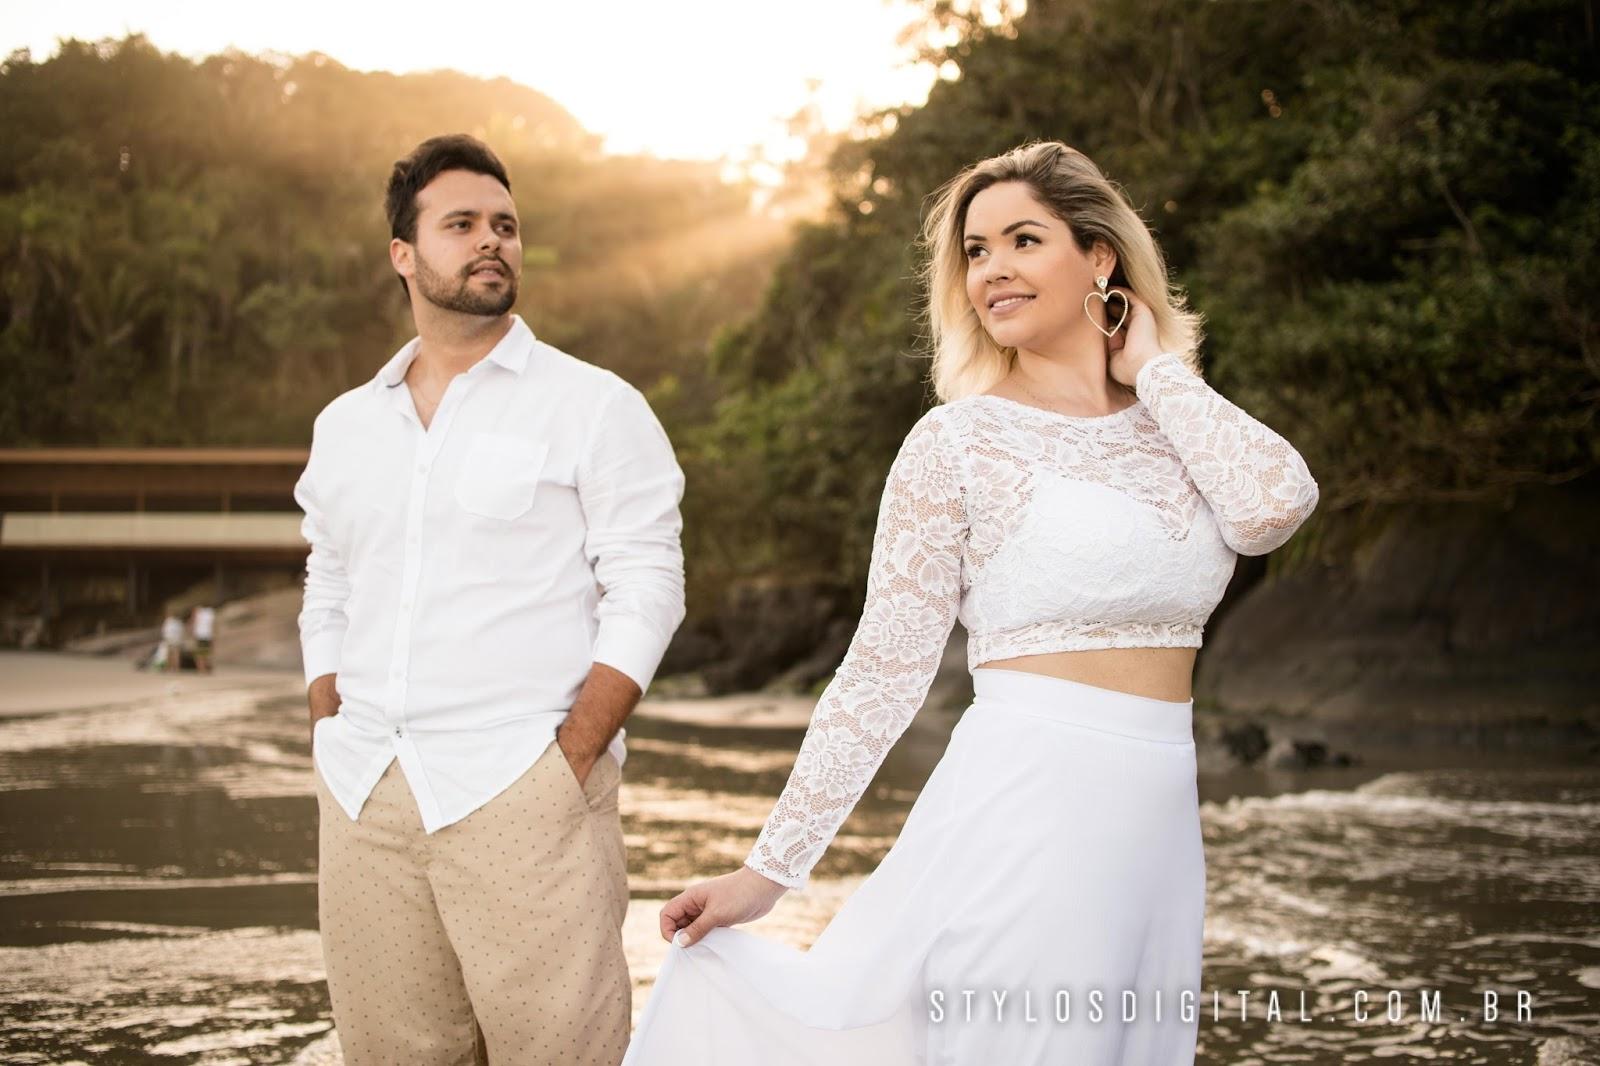 Jessica + Filipe - Pré Wedding Pré Wedding Praia de Iporanga